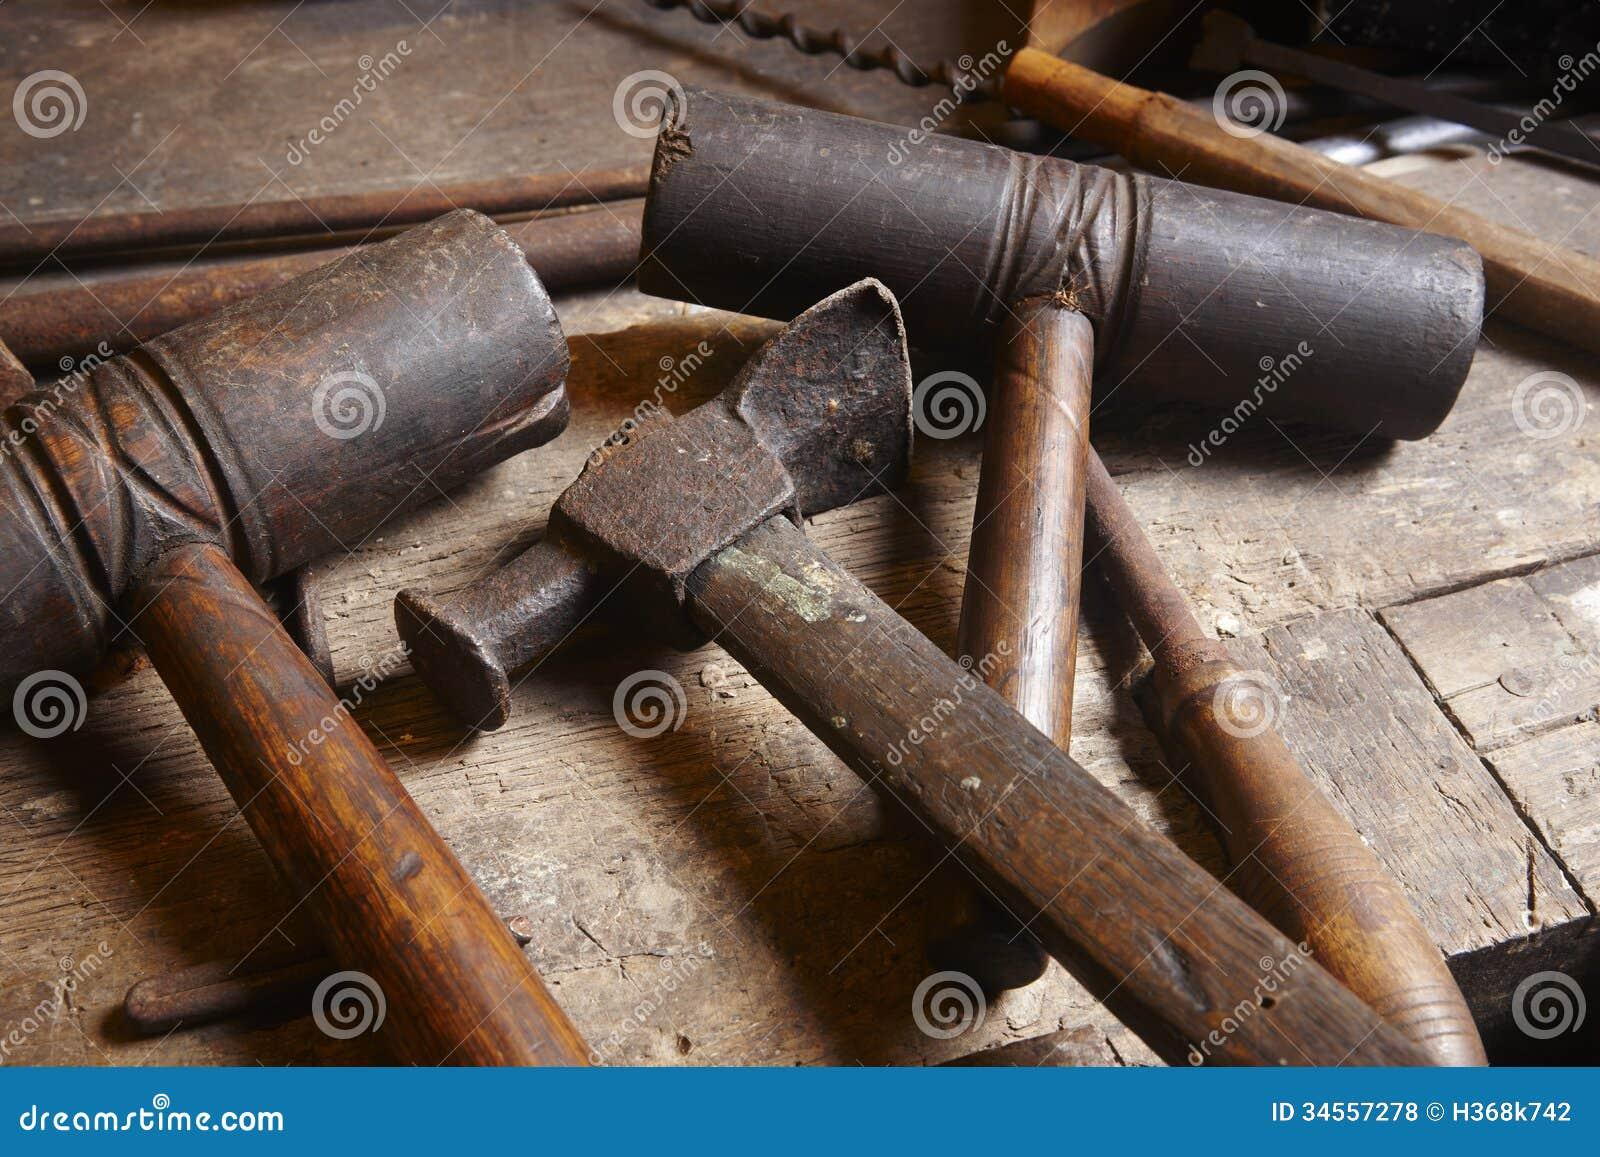 Herramientas antiguas martillos con los pedazos de madera - Herramientas de campo antiguas ...